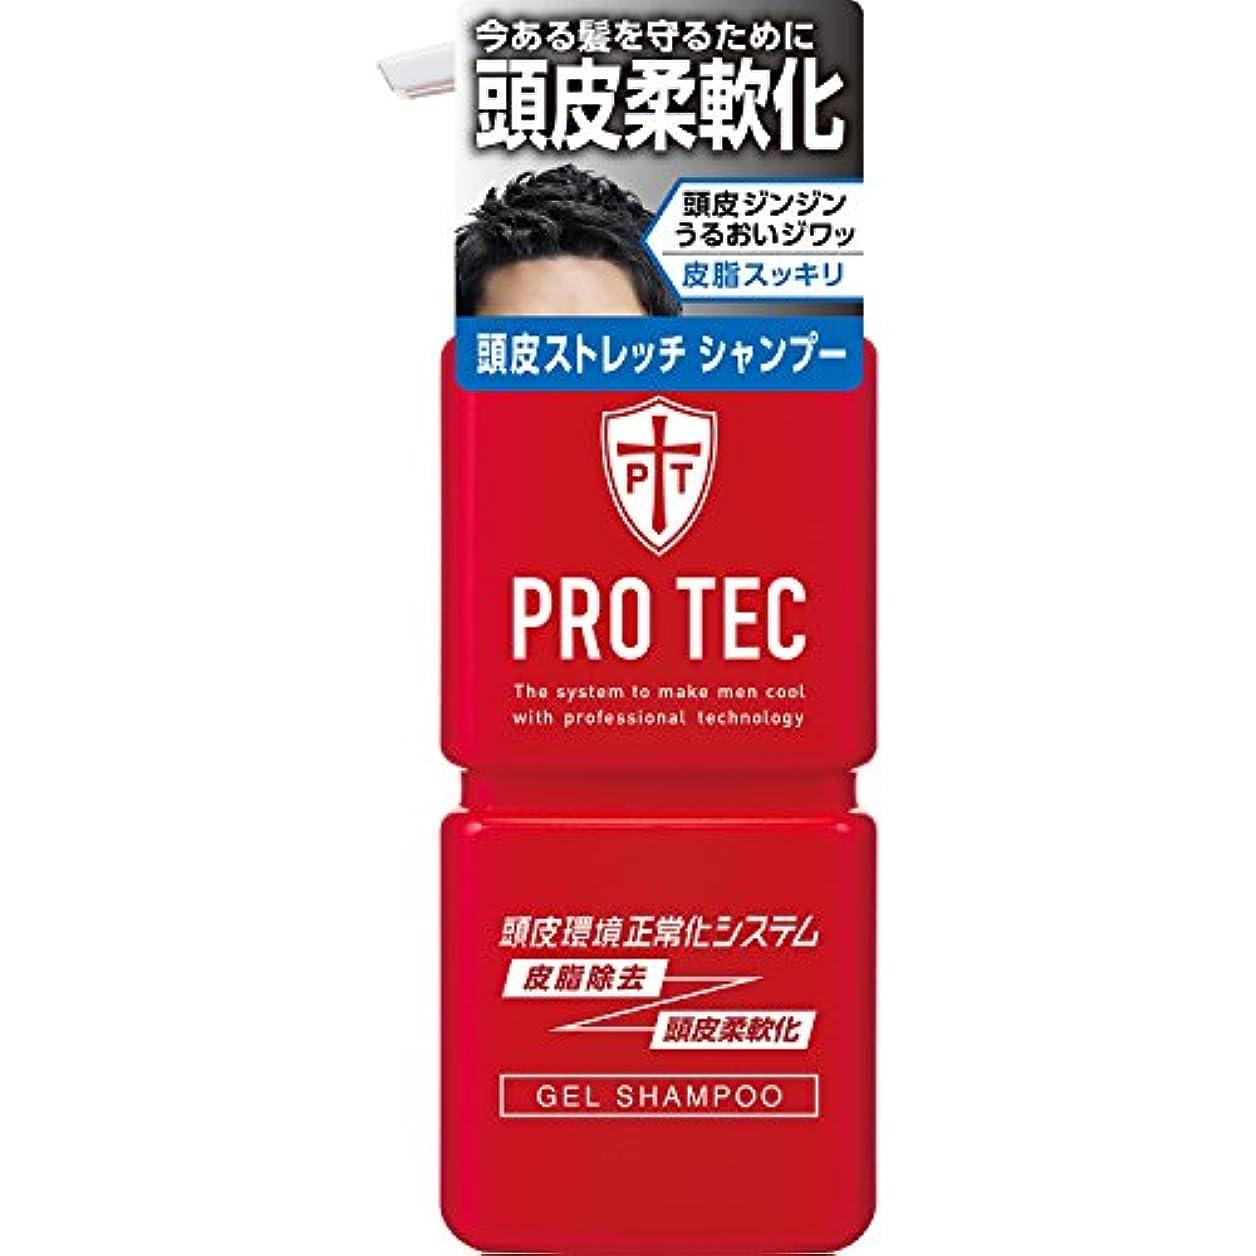 鉛筆自然裸PRO TEC(プロテク) 頭皮ストレッチ シャンプー 本体ポンプ 300g(医薬部外品)